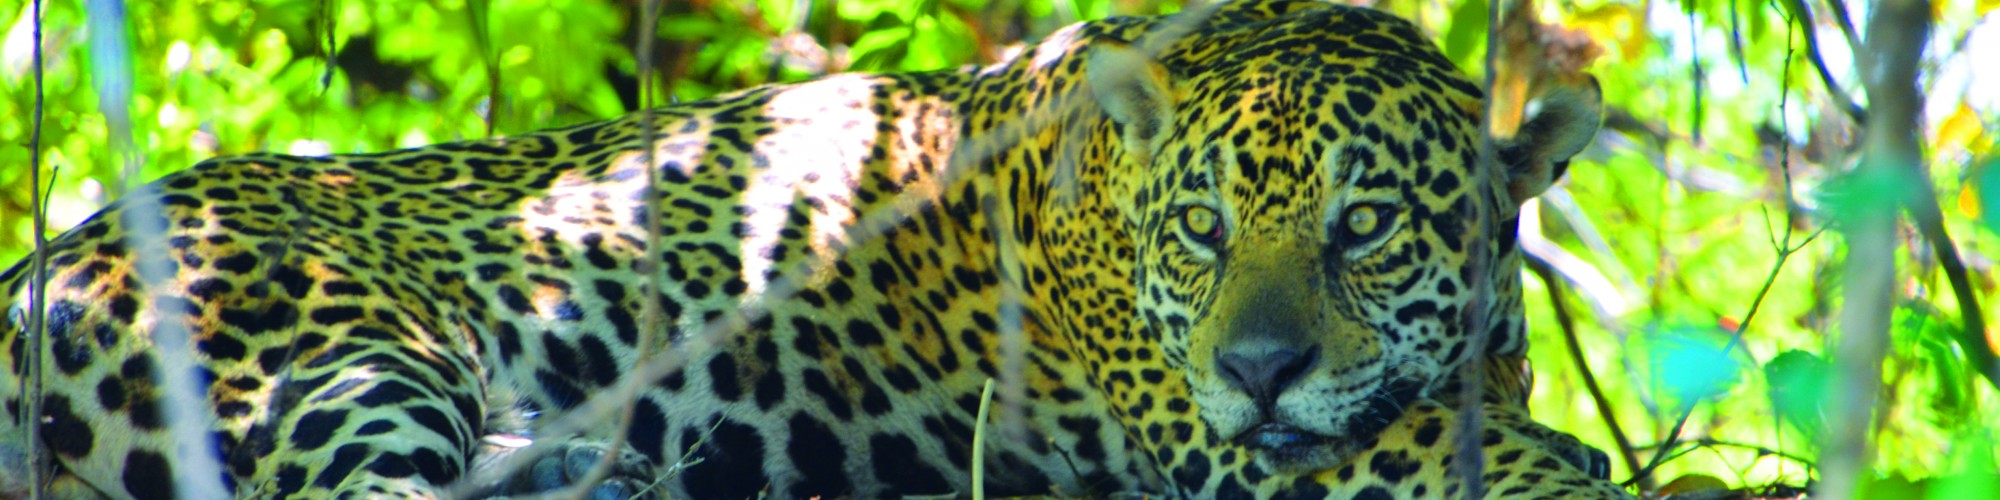 Jaguar, Pantanal